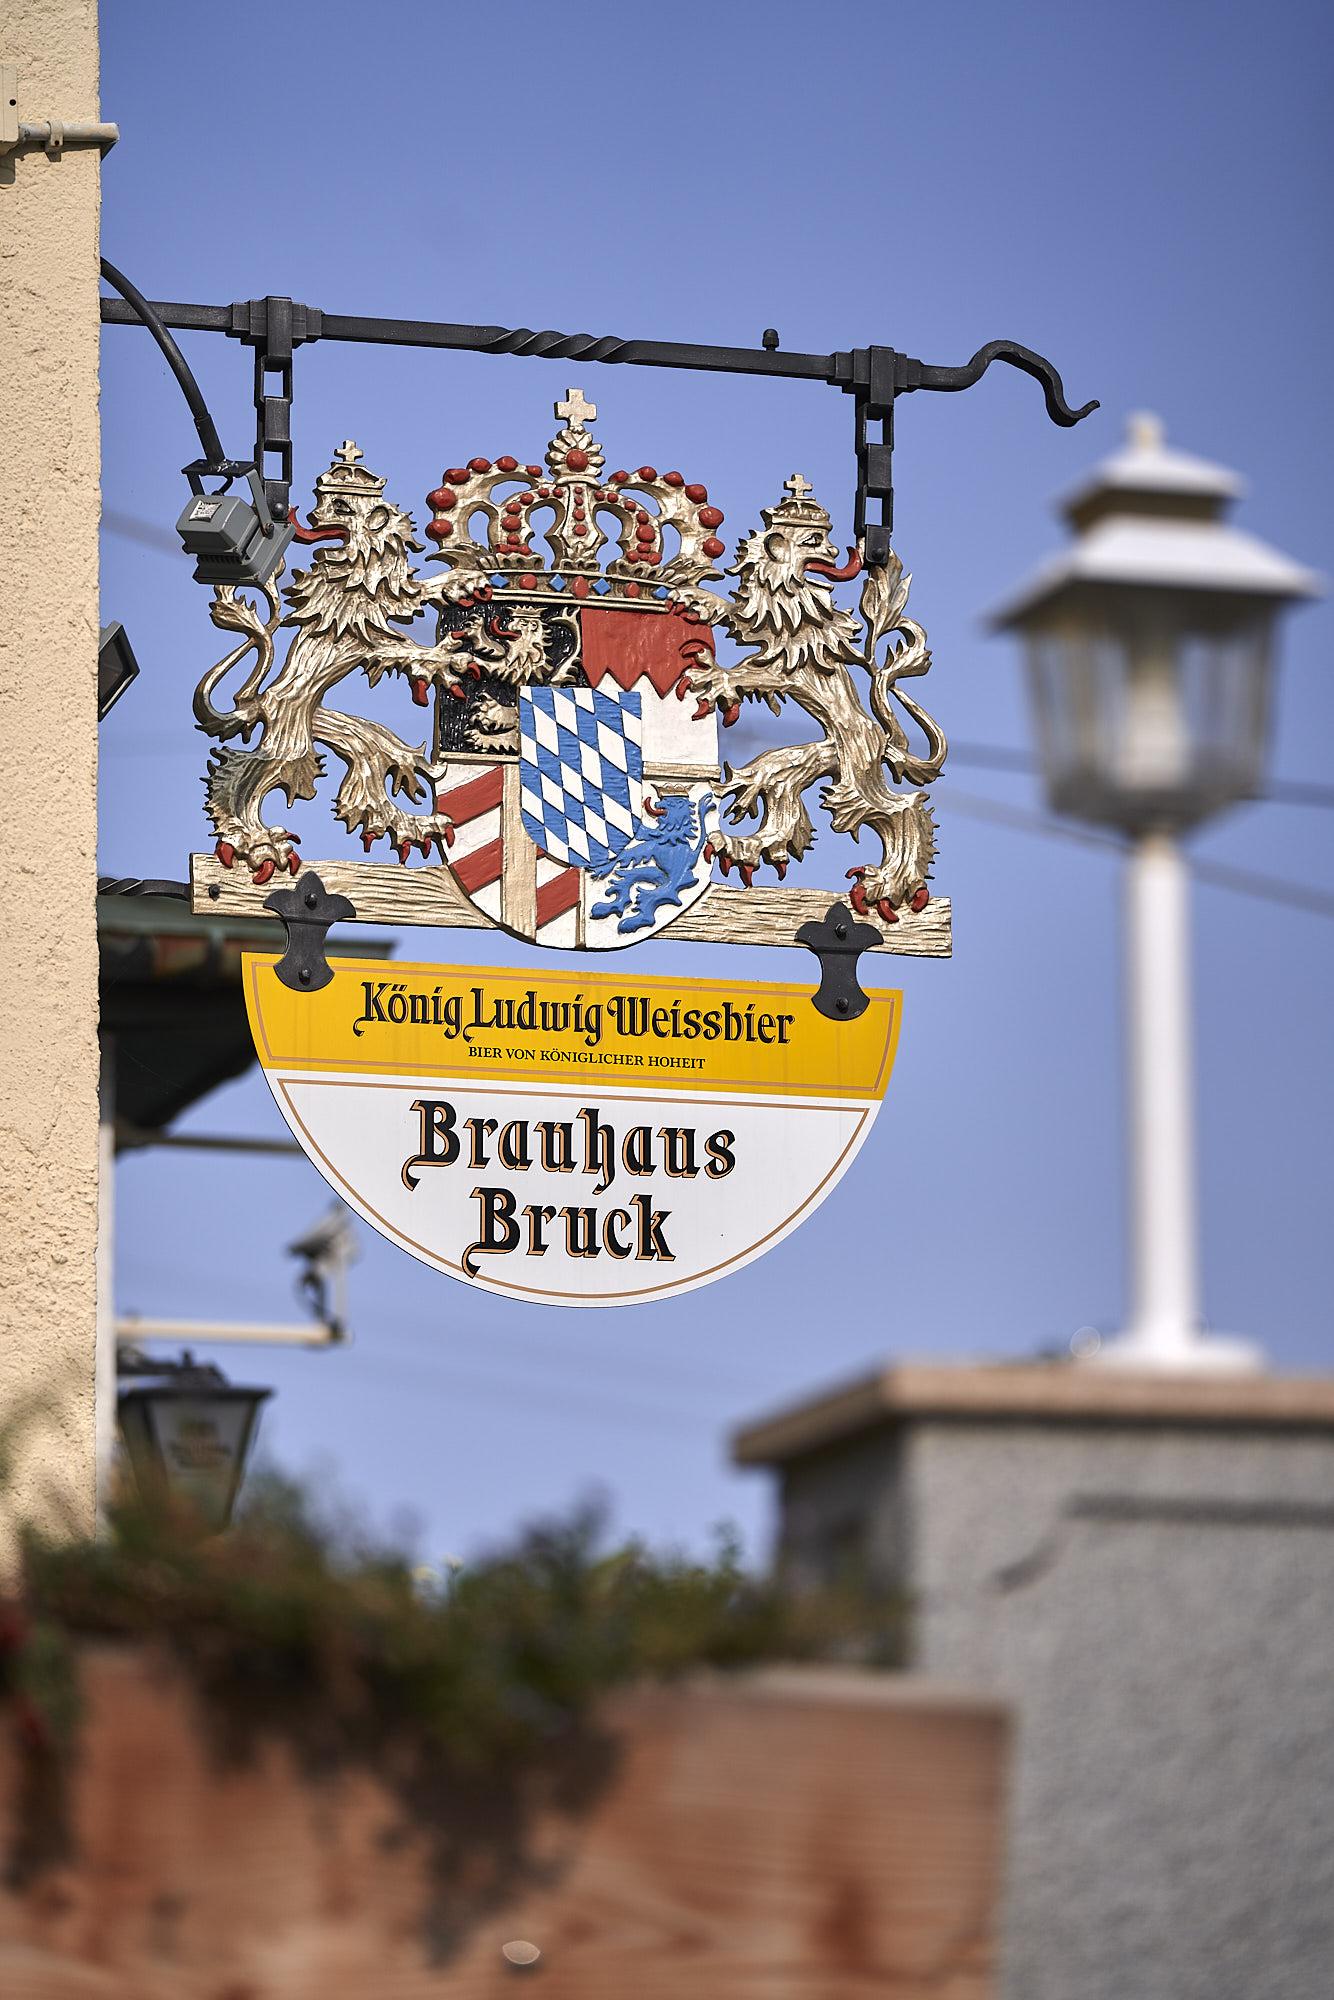 Fabian_Vogl_Brauhaus_Bruck _0265.jpg